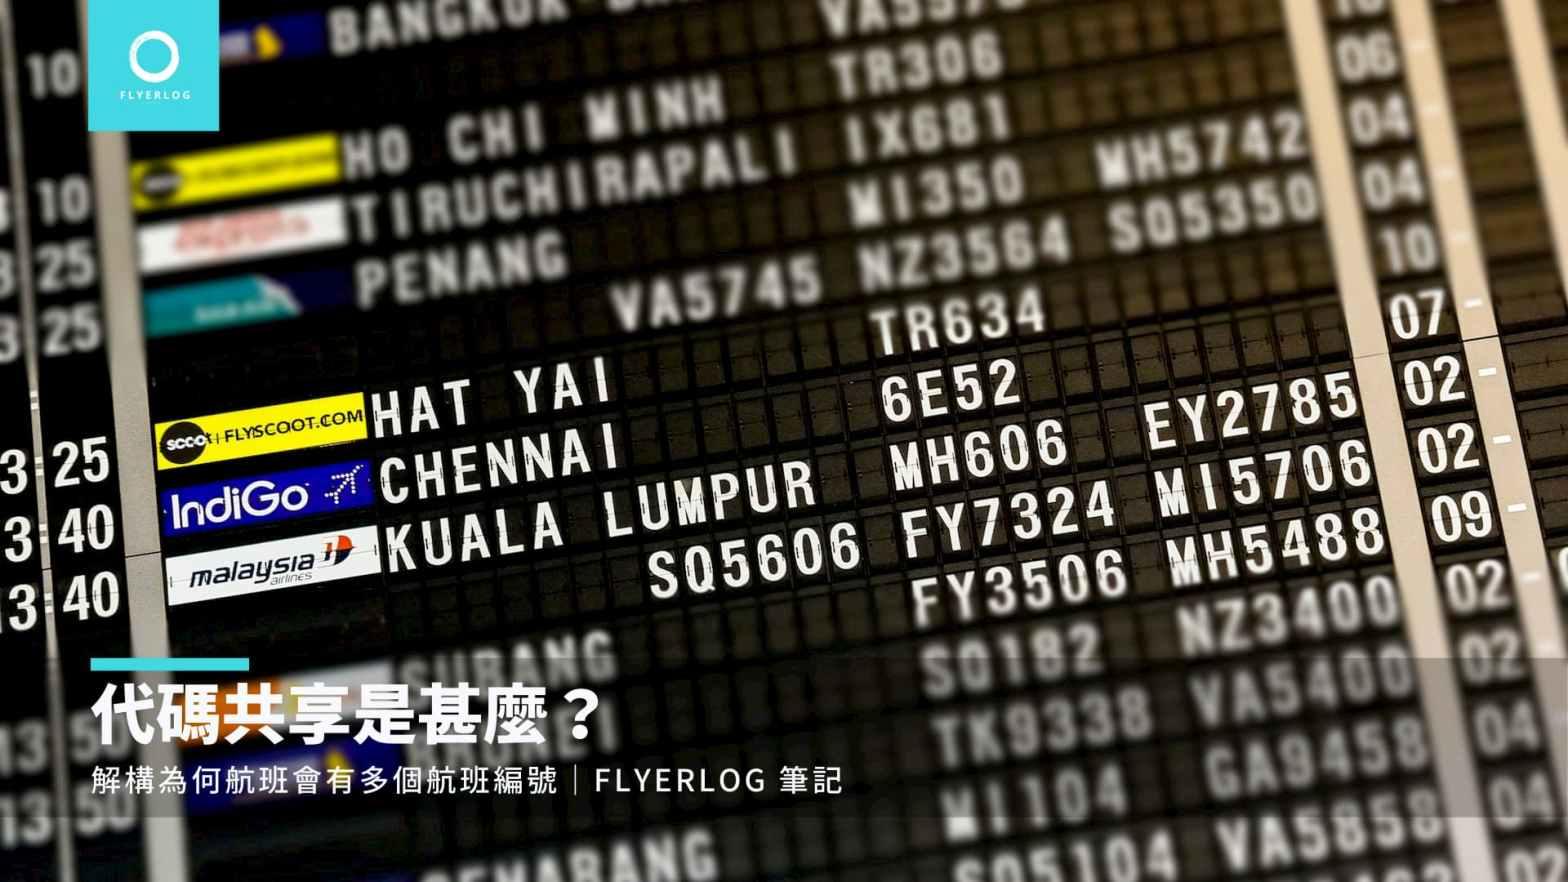 代碼共享是甚麼?解構為何航班會有多個航班編號 | Flyerlog 筆記